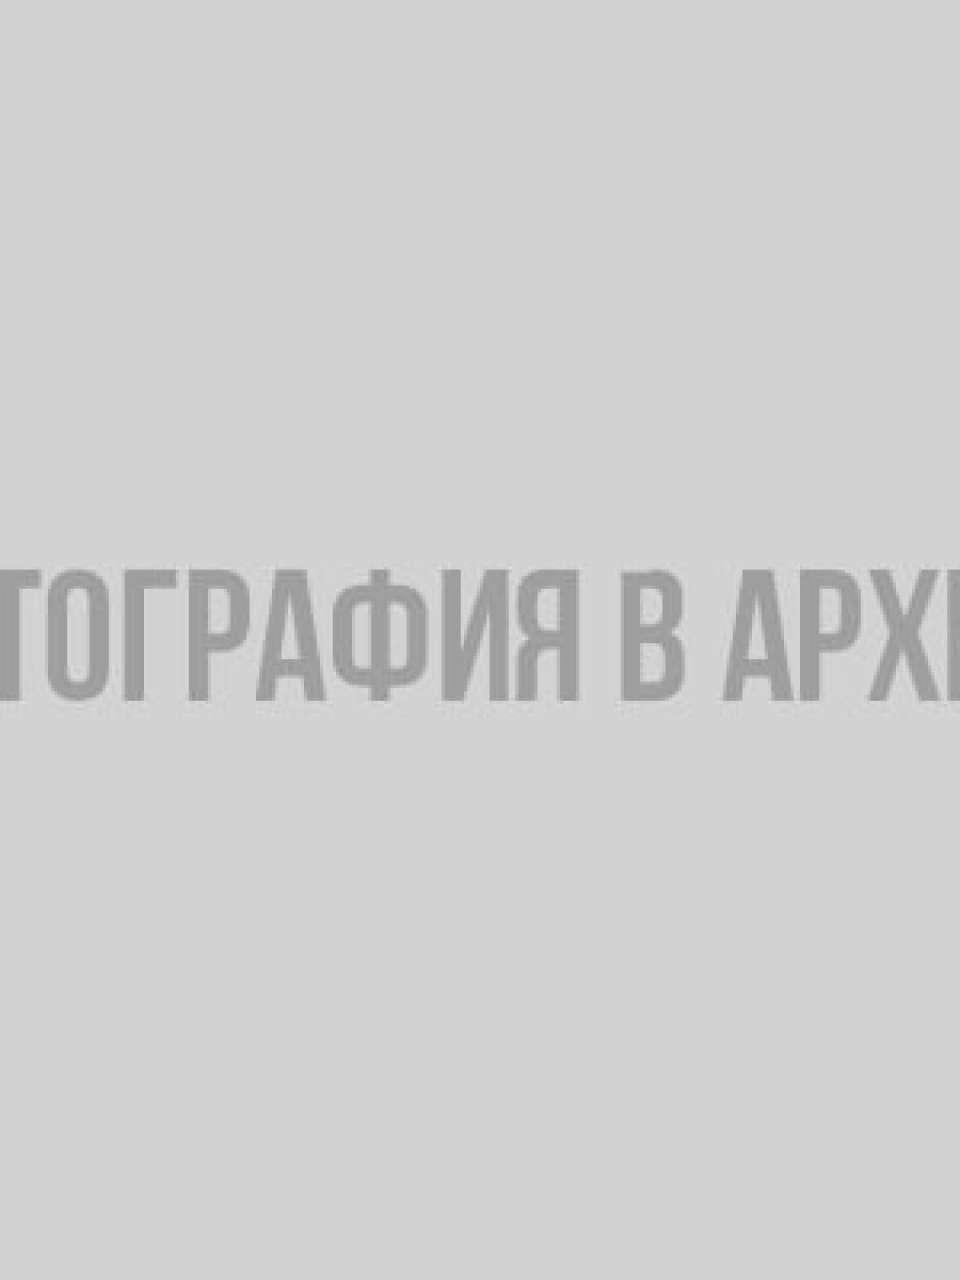 В Ям-Ижоре спасатели вытащили из колодца собаку - фото Ям-Ижора, Тосненский район, спасение, спасатели, собака, Ленобласть